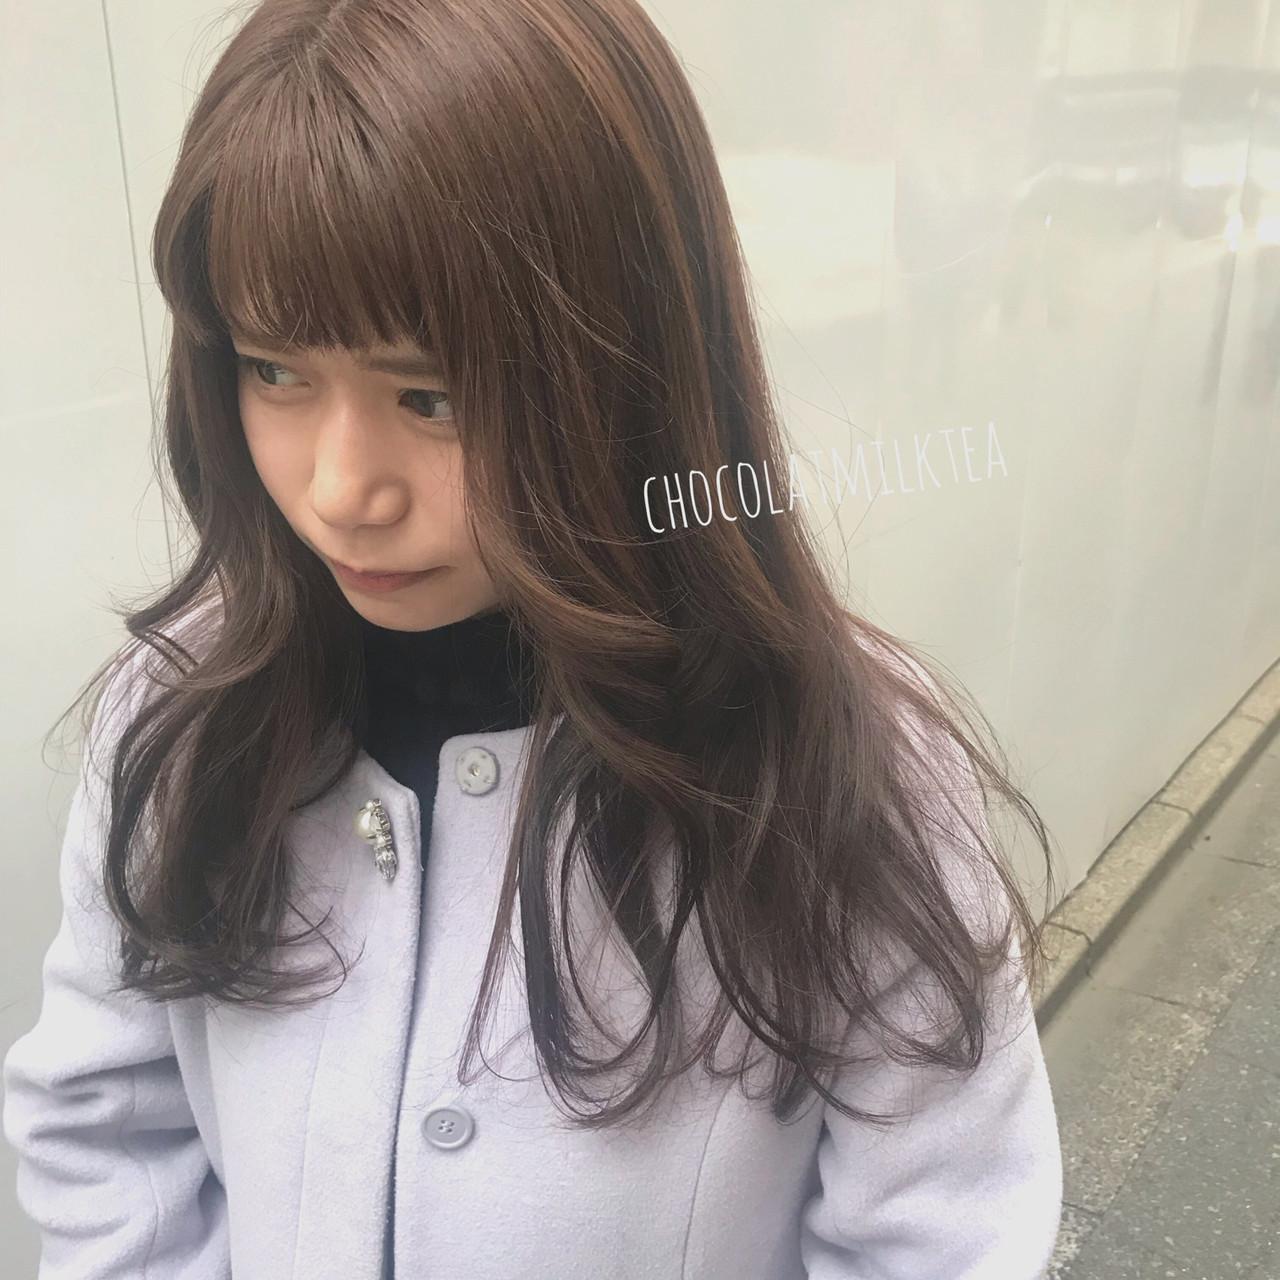 ナチュラル ショコラブラウン ミルクティーベージュ ヘアアレンジ ヘアスタイルや髪型の写真・画像